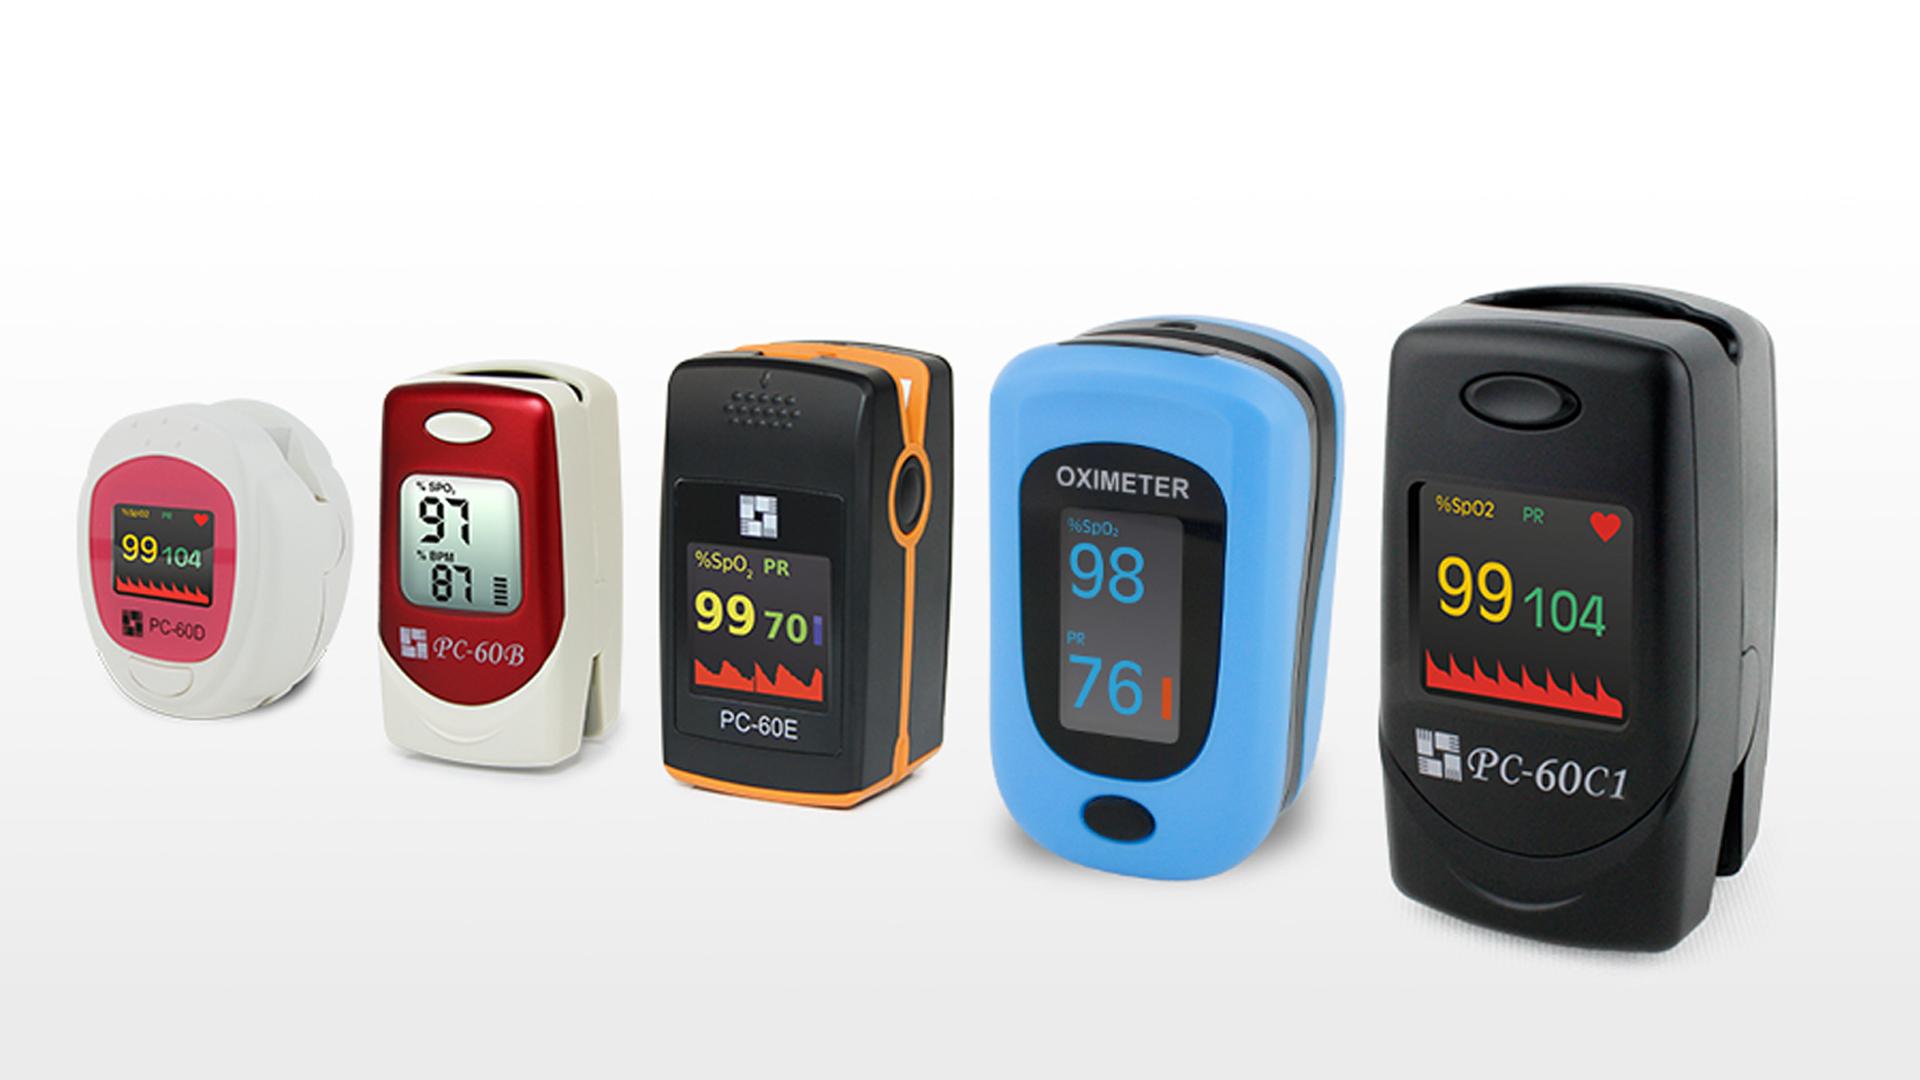 Produktbilder von verschiedenen Pulsoximetern